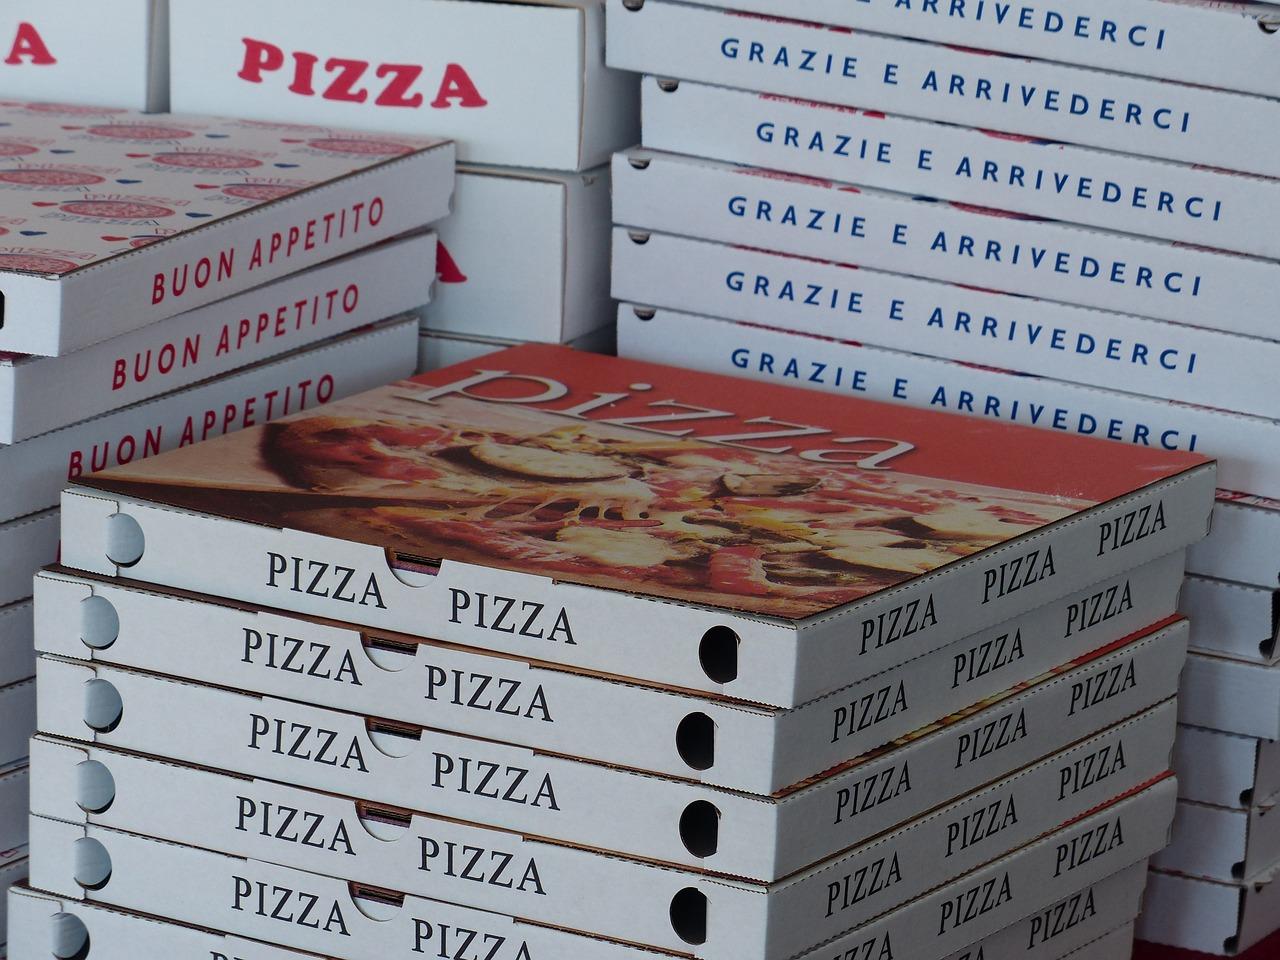 Pudełek Po Pizzy, Pola, Usługa Pizzy, Pizza Transportu